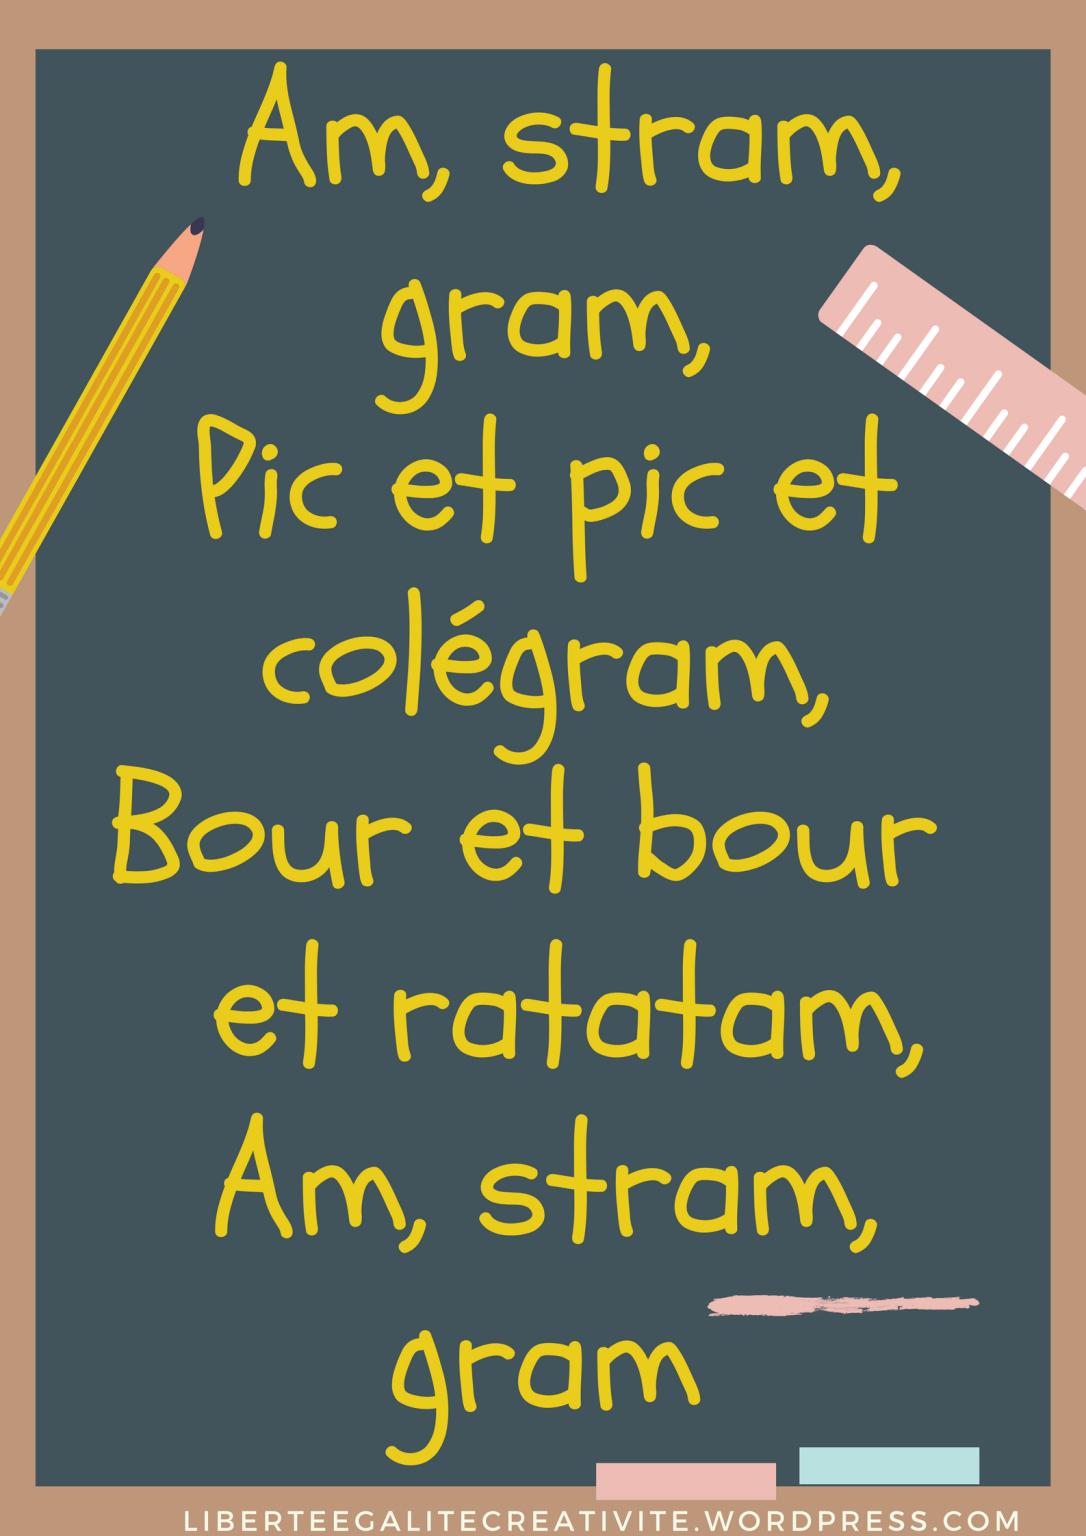 am-stram-gram-pic-et-pic-et-colc3a9gram-bour-et-bour-et-ratatam-am-stram-gram